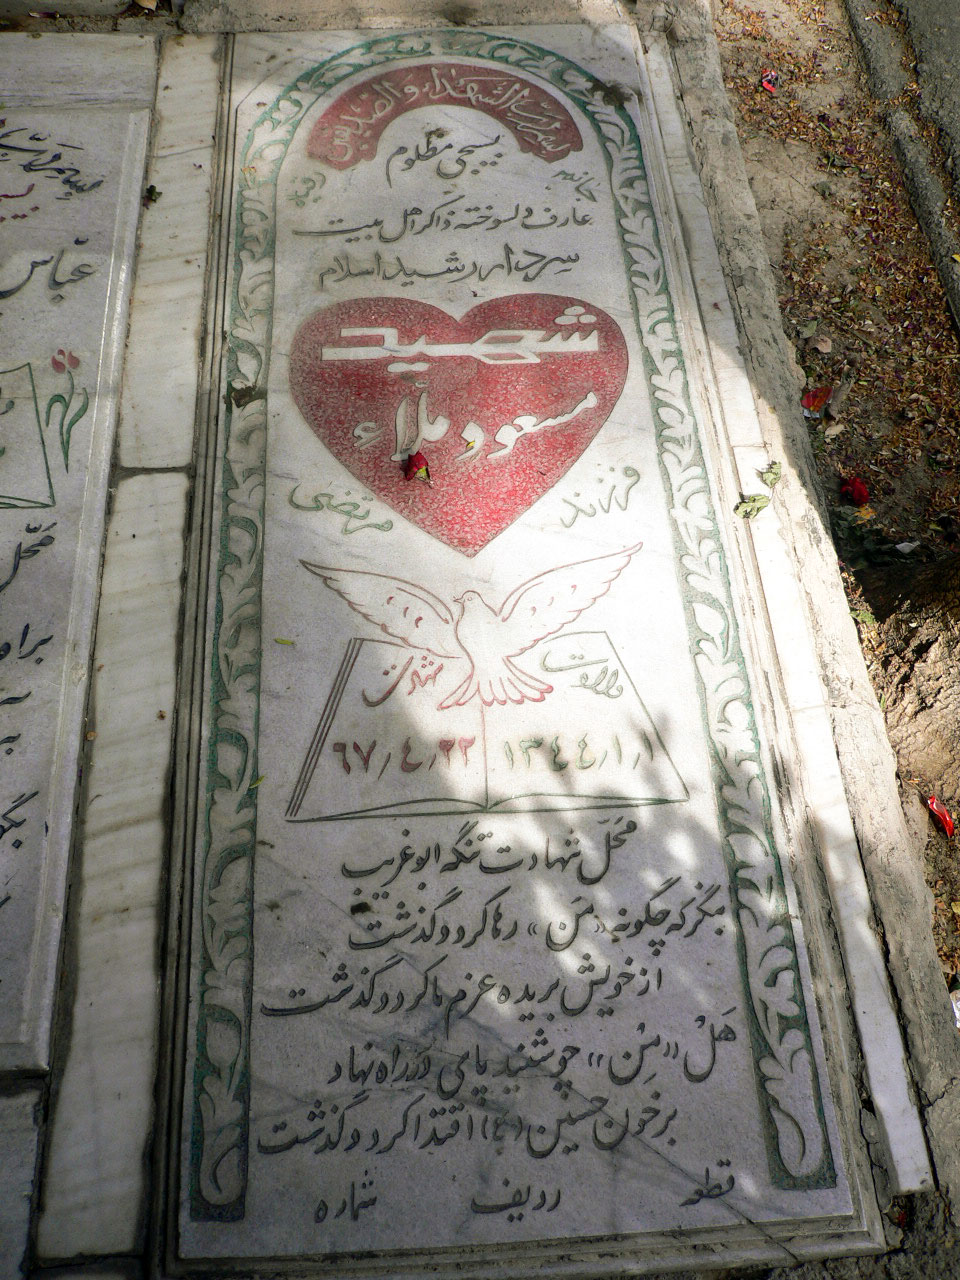 با ابراز محبت انسانها را متوجه خطایشان کنید/ ارادت قلبی به حضرت امام (ره) راهگشای رسیدن به مقصود حقیقی